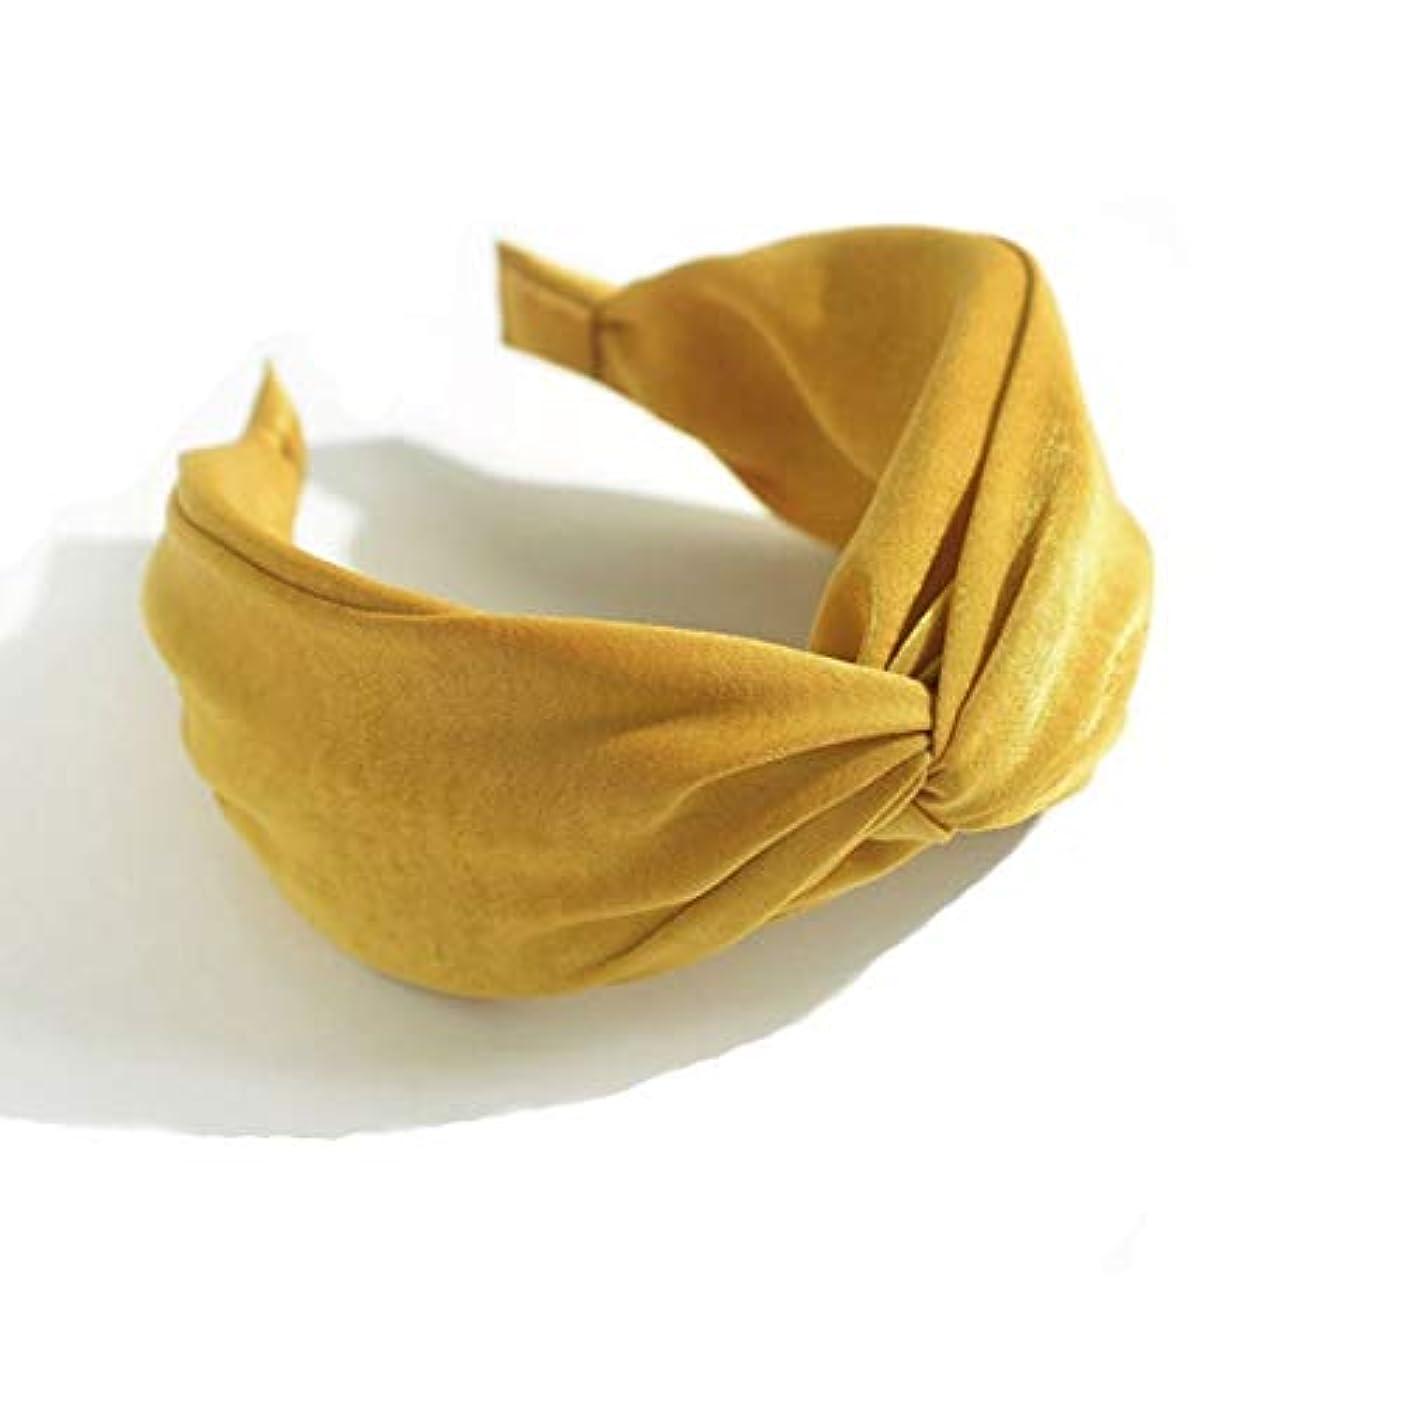 設計推進力までヘアクリップ、ヘアピン、ヘアグリップ、ヘアグリップ、ヘッドバンドヘッドバンドファブリッククロスワイドヘッドバンドレディレディーワイルドヘアピンヘッドバンド (Color : Yellow)